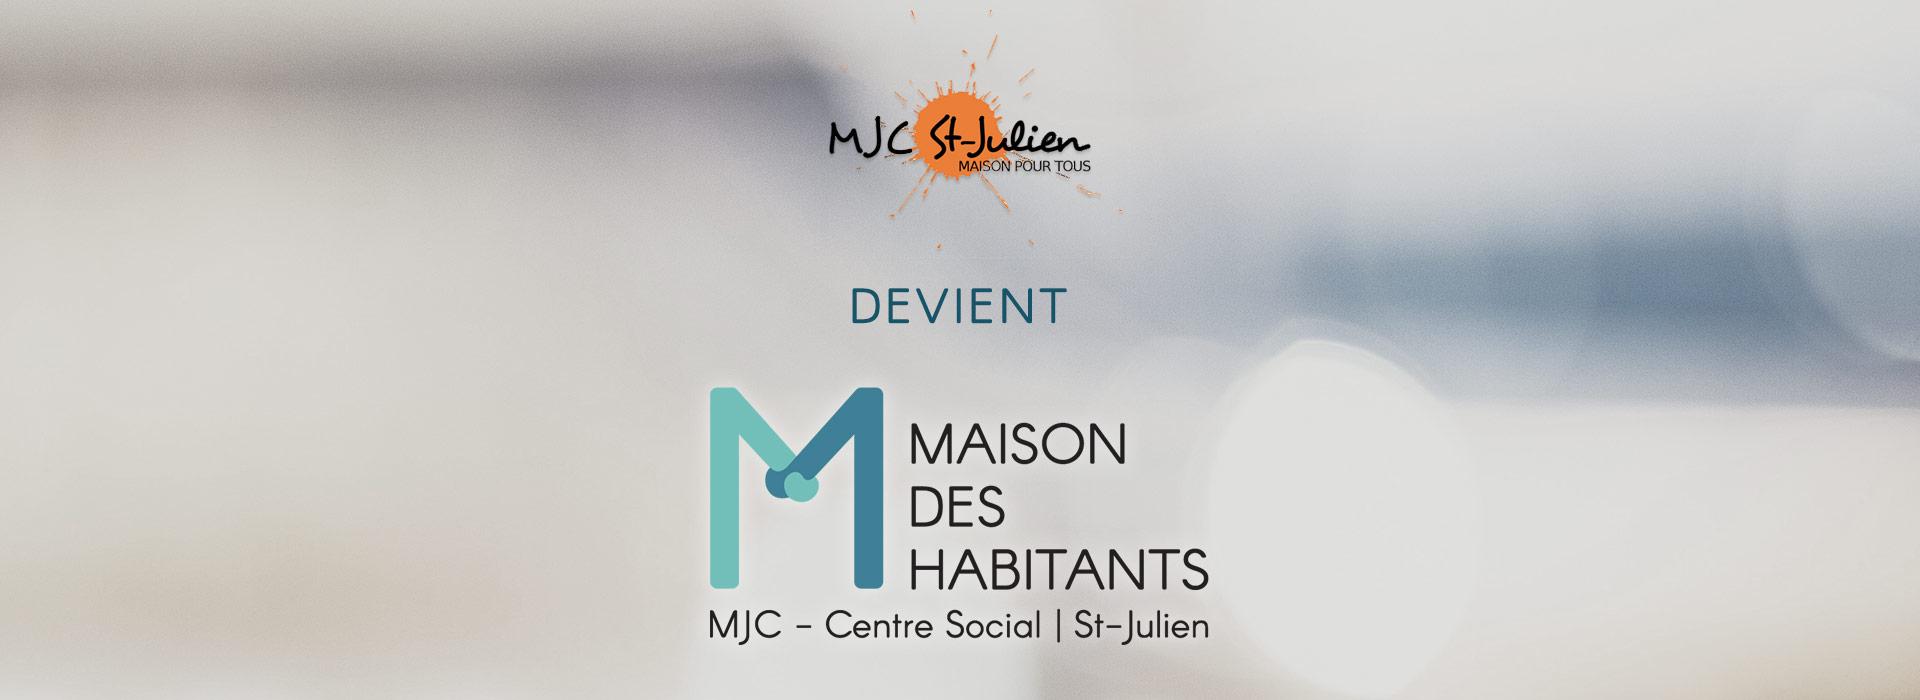 La MJC de Saint-Julien devient la Maison des Habitants - MJC Centre Social